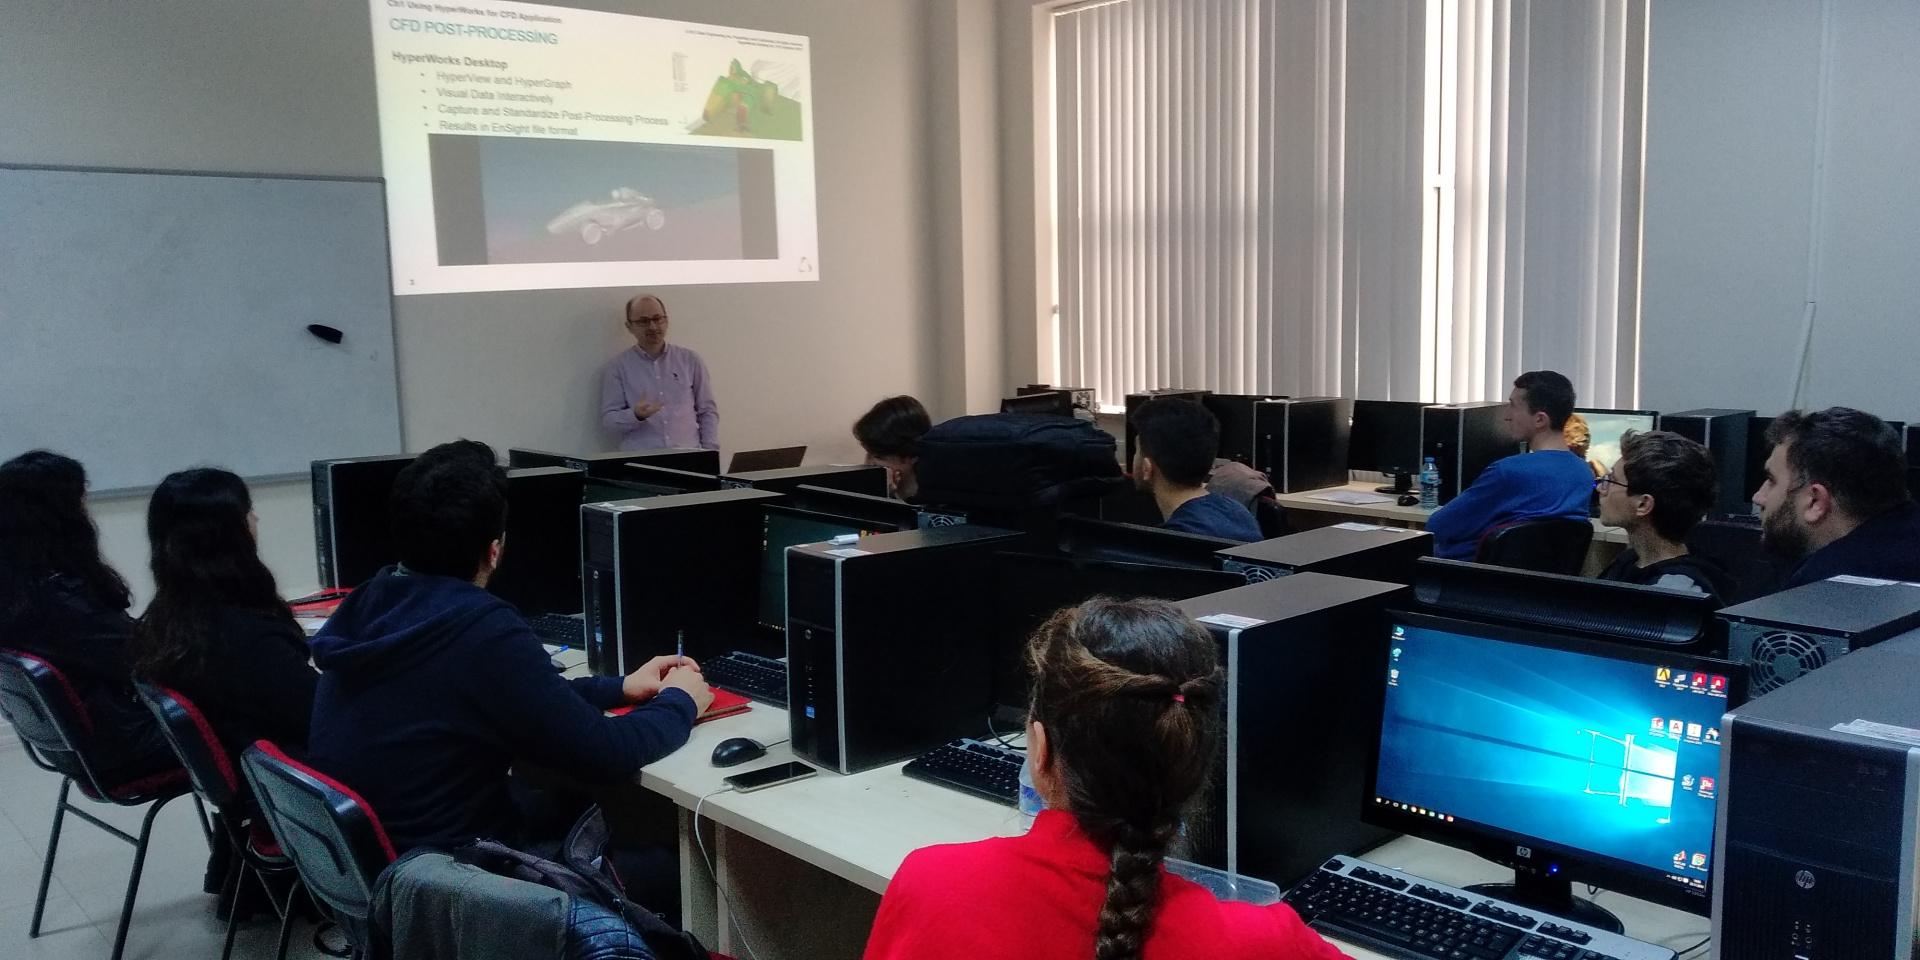 OTO4027 Taşıt Aerodinamiği dersi kapsamında S-t Mühendislik firmasının desteğiyle Altair CFD programlarının yetenekleri  ve örnek problemler tanıtılmıştır.